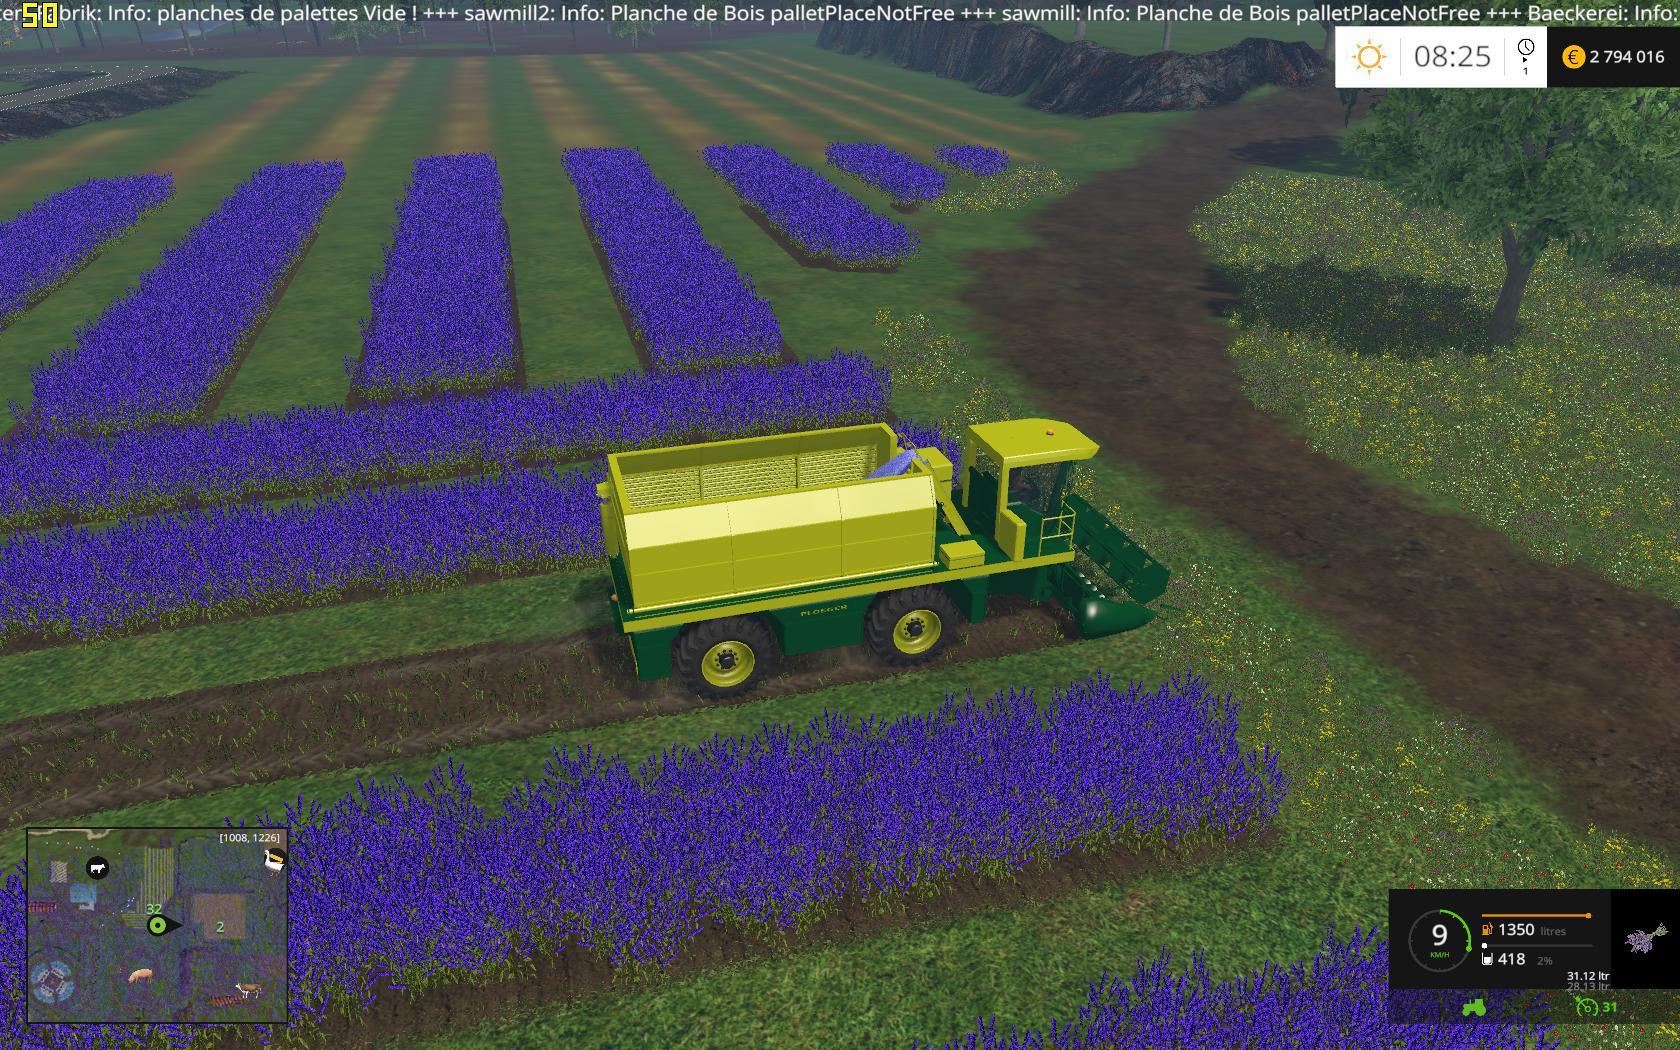 elevages et cultures v2 map farming simulator 2019 2017 2015 mod. Black Bedroom Furniture Sets. Home Design Ideas